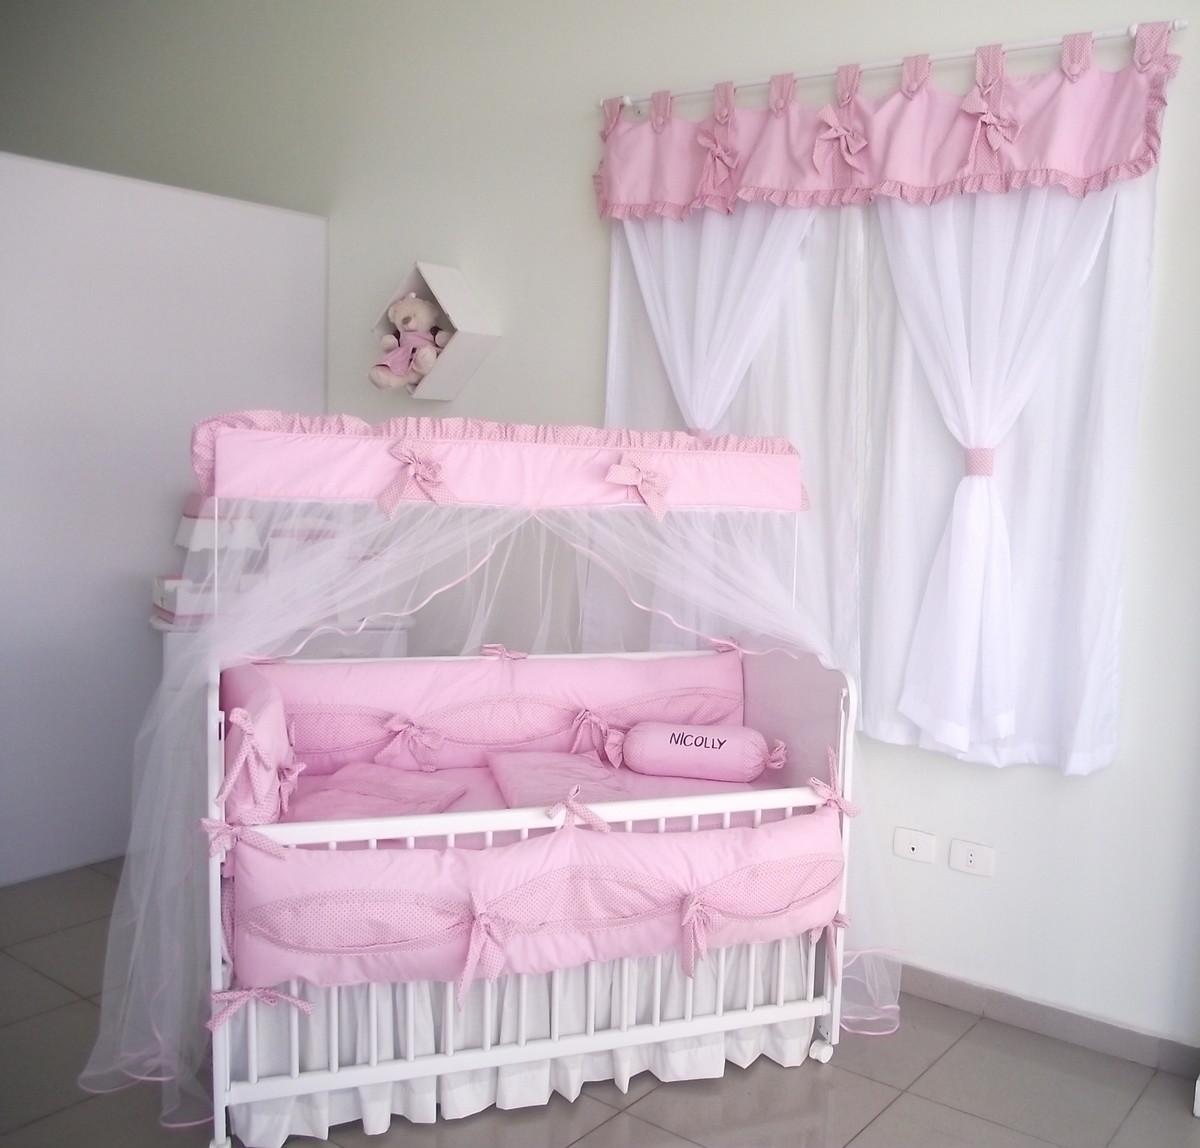 Cortina quarto recem nascido obtenha uma - Cortinas para bebes ...